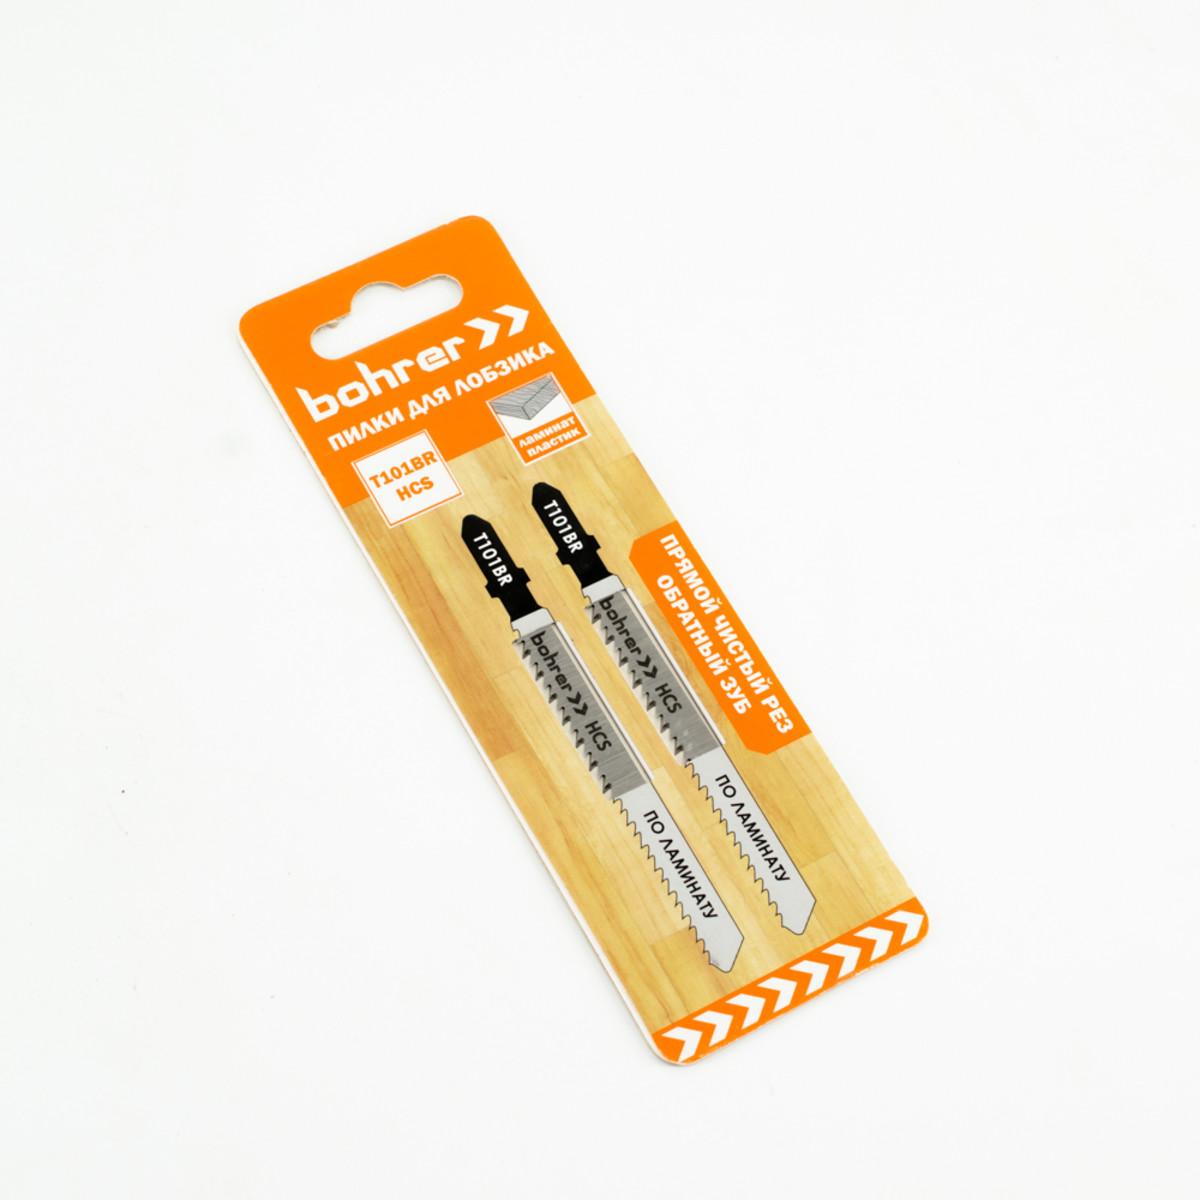 Пилки для лобзиков Bohrer по ламинату Т101BR HCS 100/75мм шаг 2.5 мм 2 шт блистер